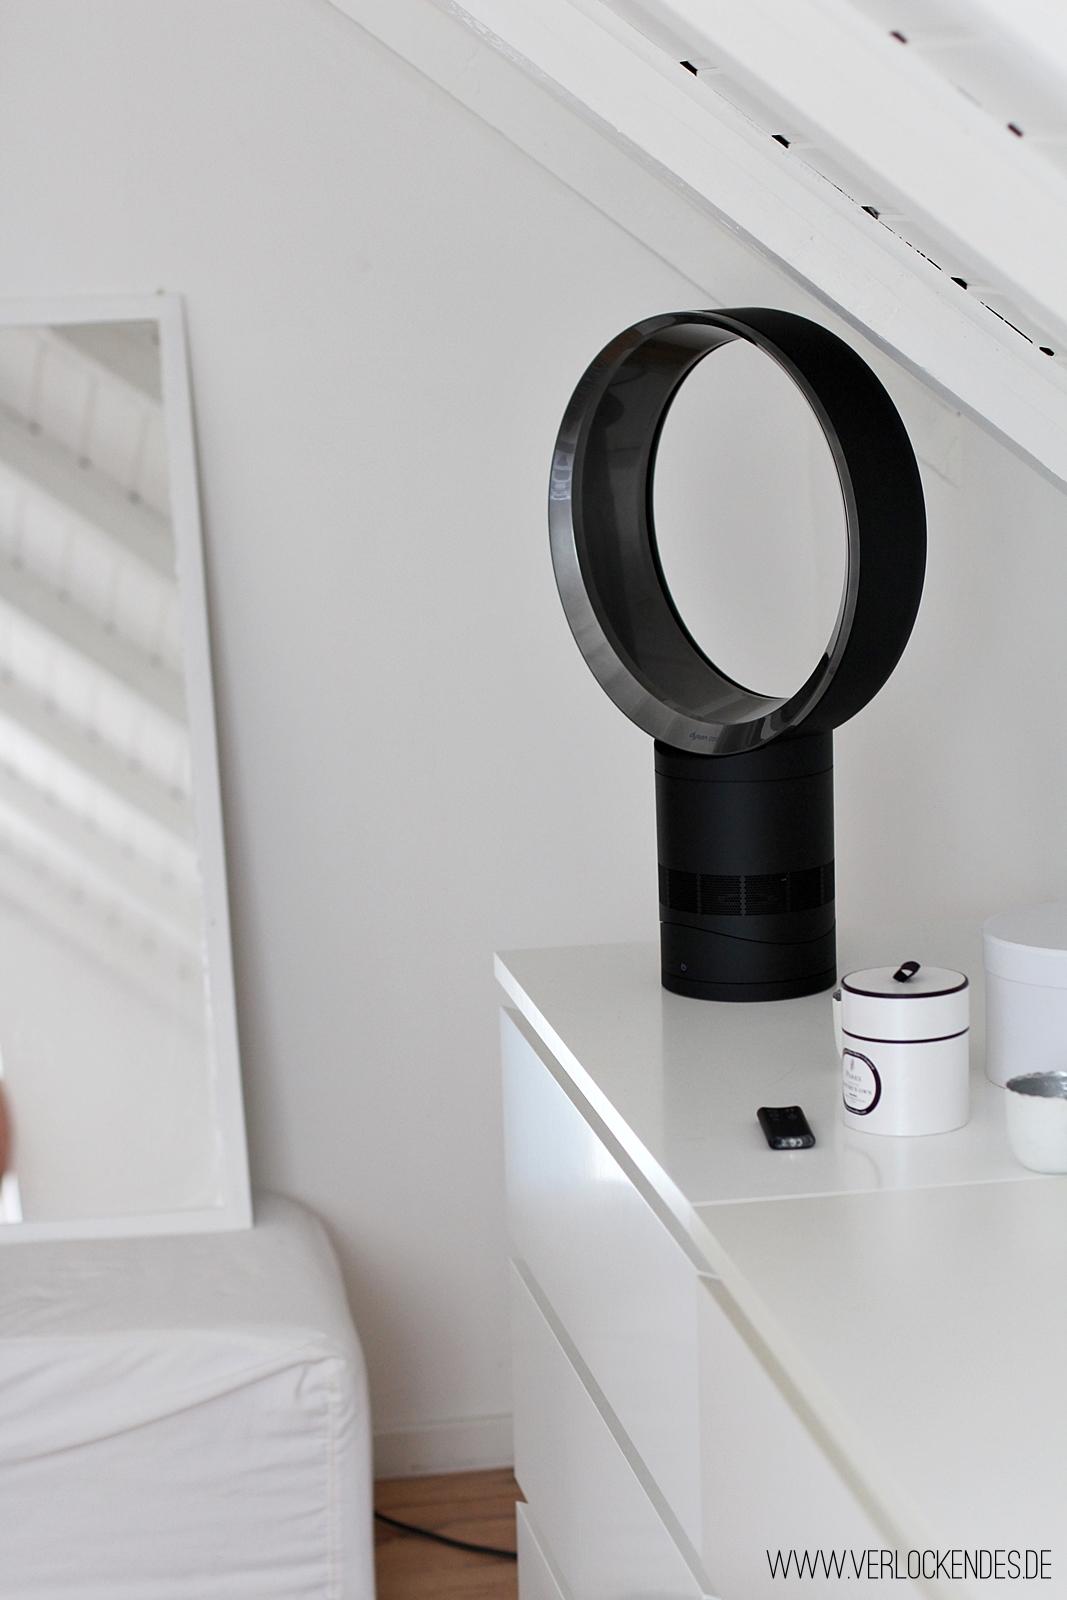 superb dyson ventilator schlafzimmer #1: ... von der Deko - und dem Ventilator, der sich zugegebenermaßen mit seinem  Design ziemlich gut in mein Schlafzimmer-Mekka einfügt und dann schreib ich  euch ...